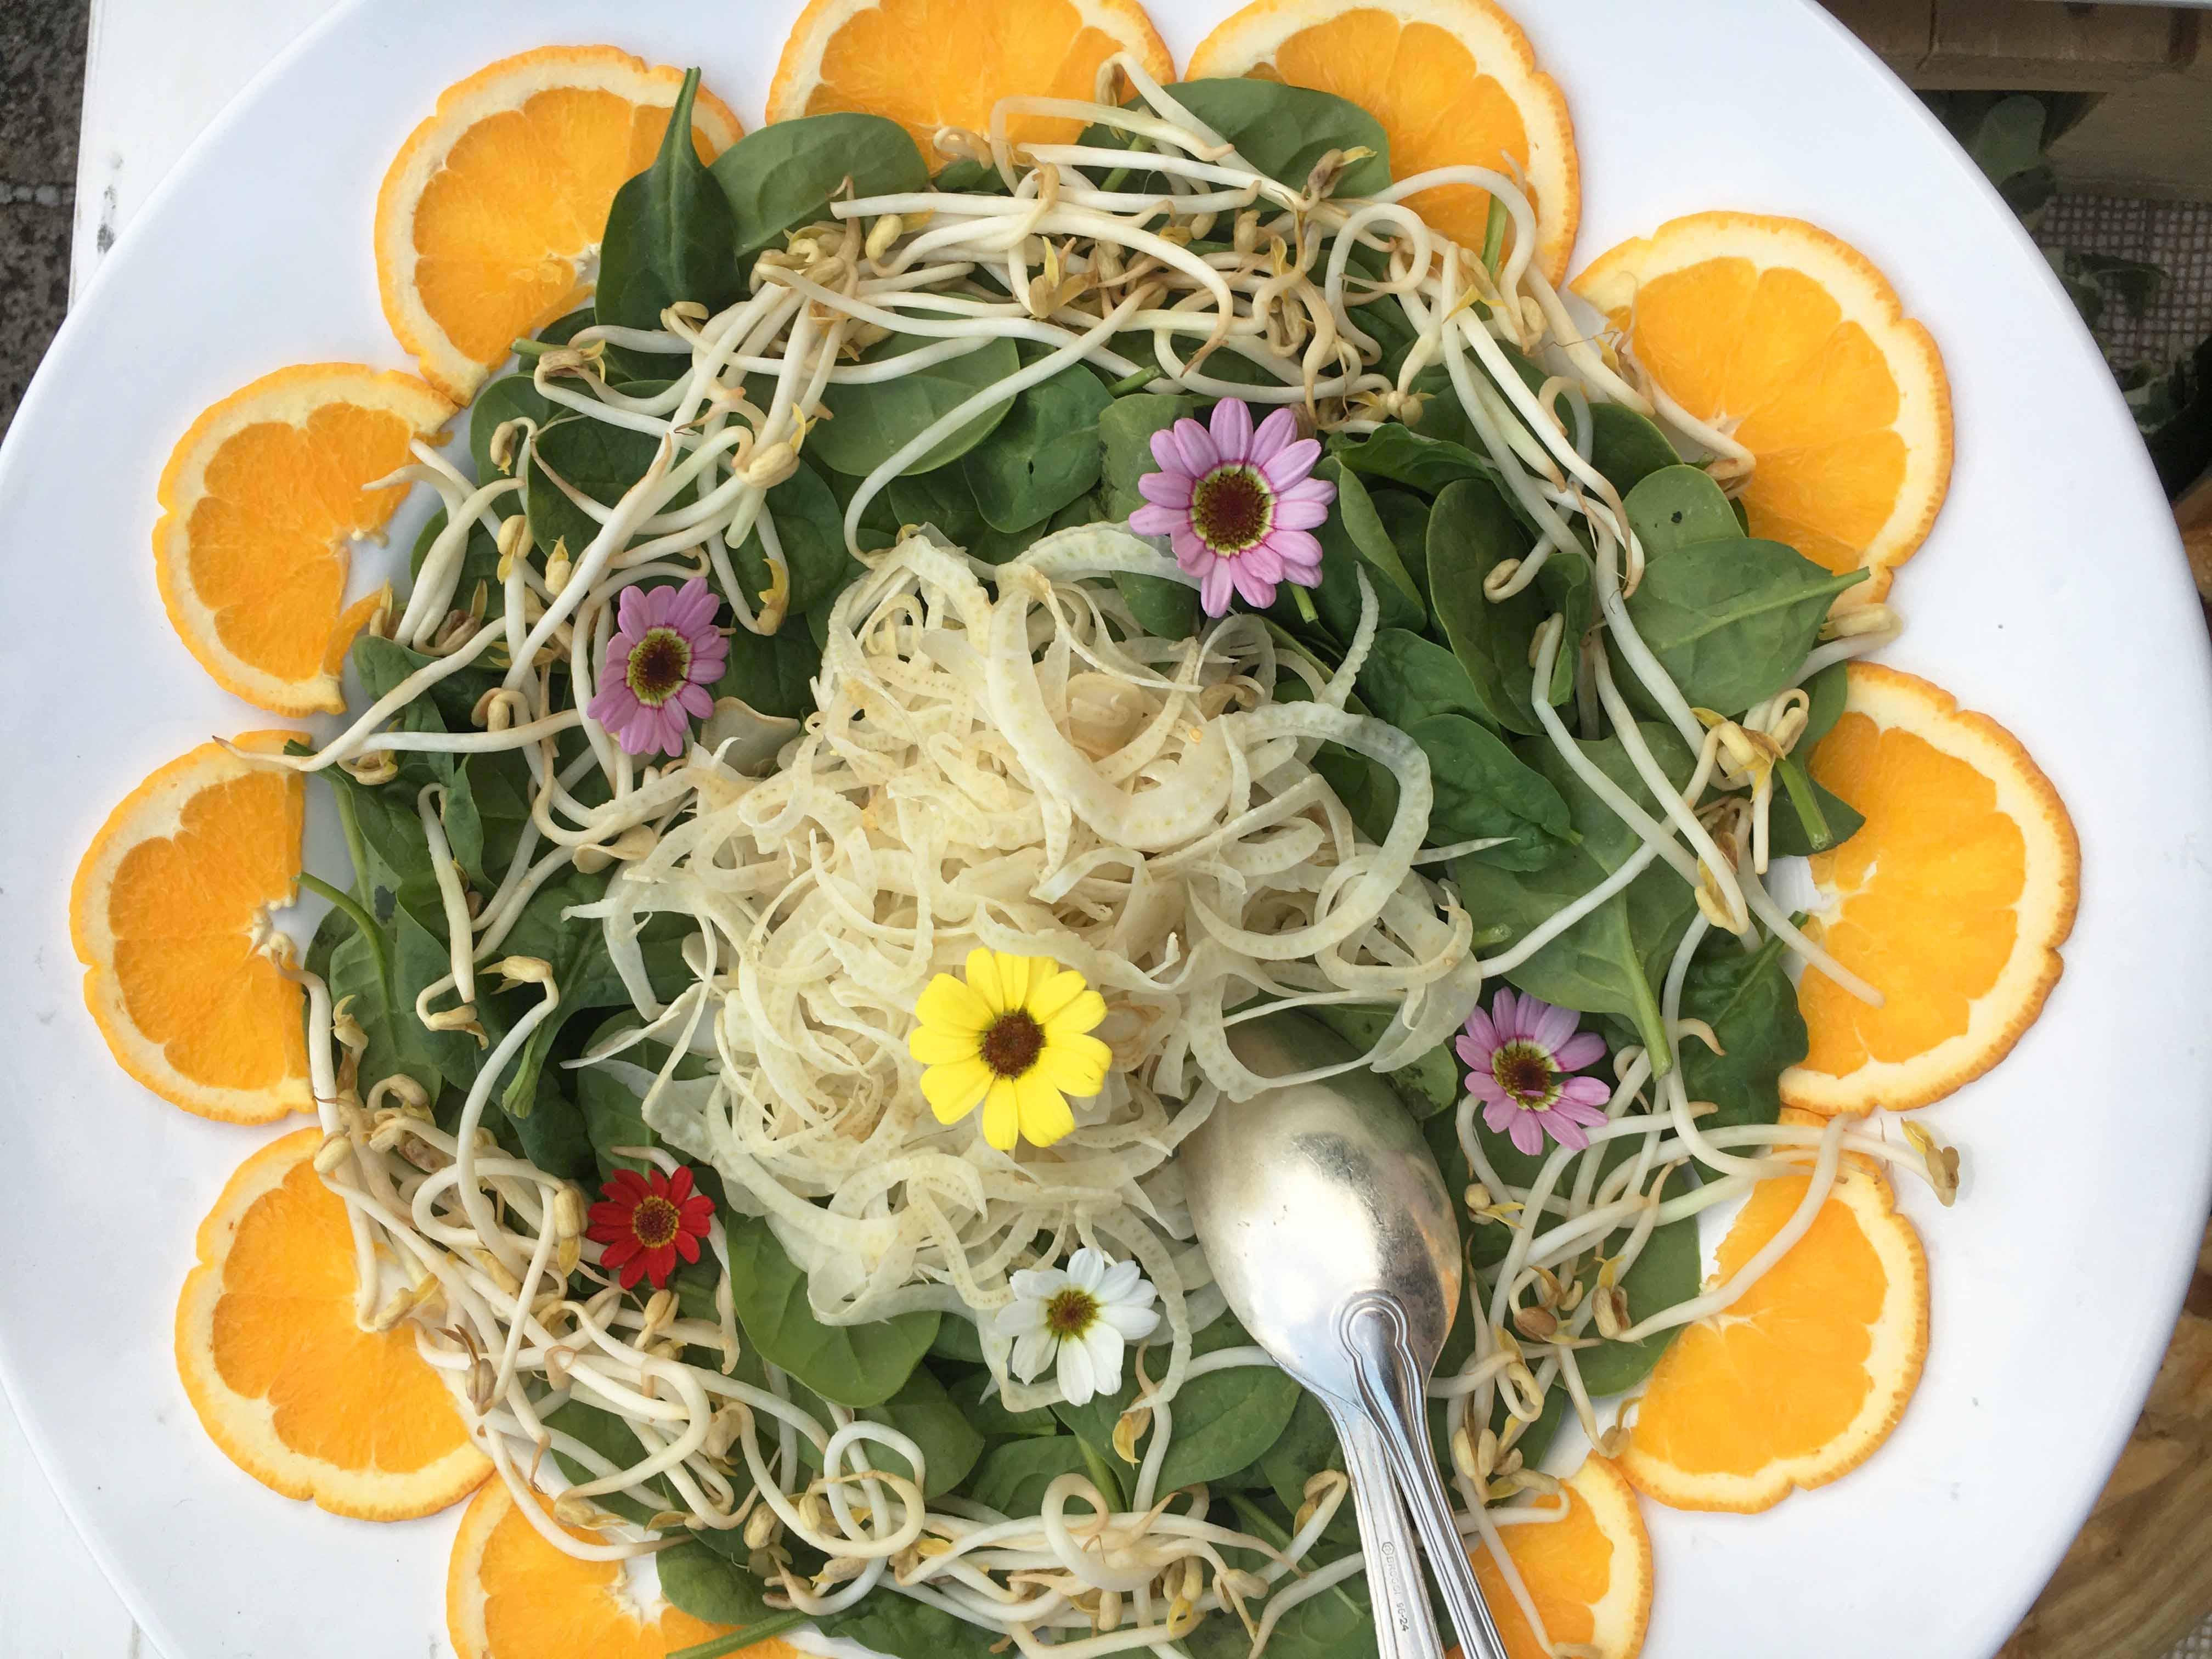 I fiori nel cibo: come utilizzare i fiori eduli in cucina ...